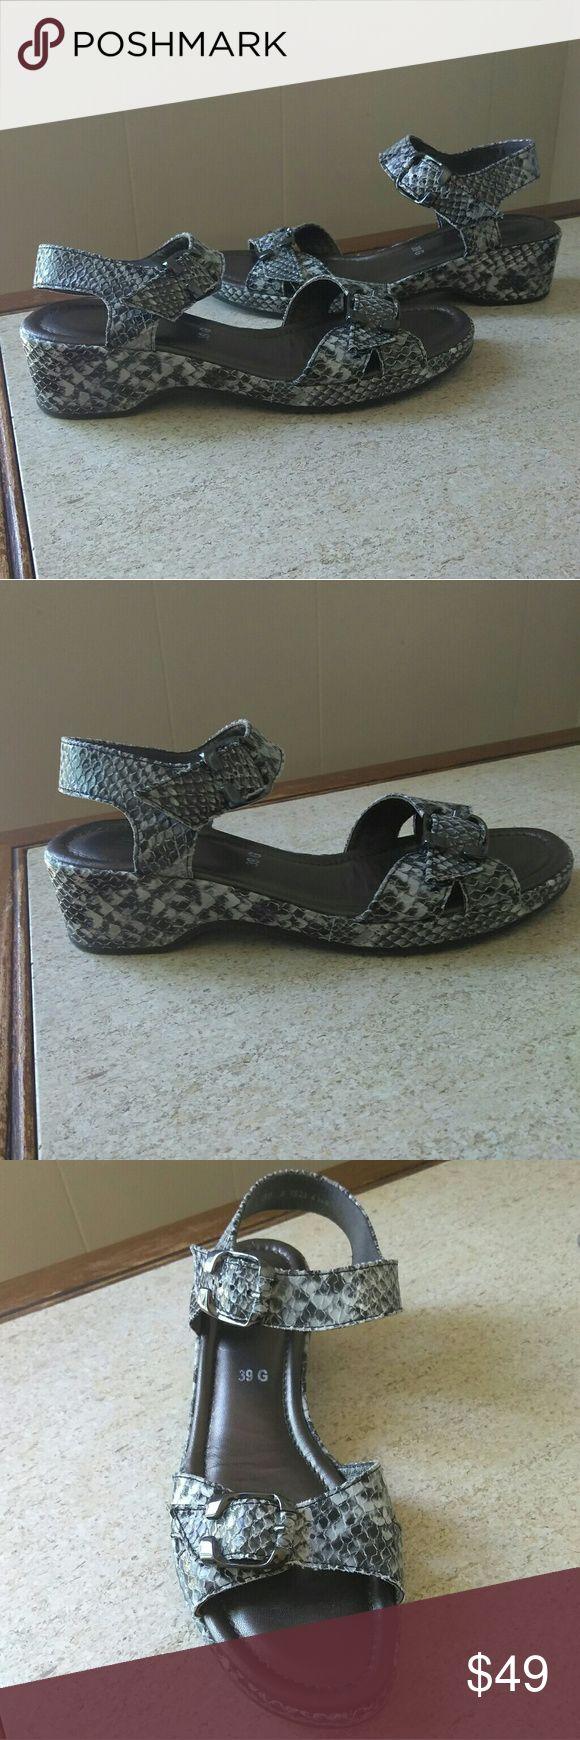 Ara sandals Excellent Condition Shoes Sandals